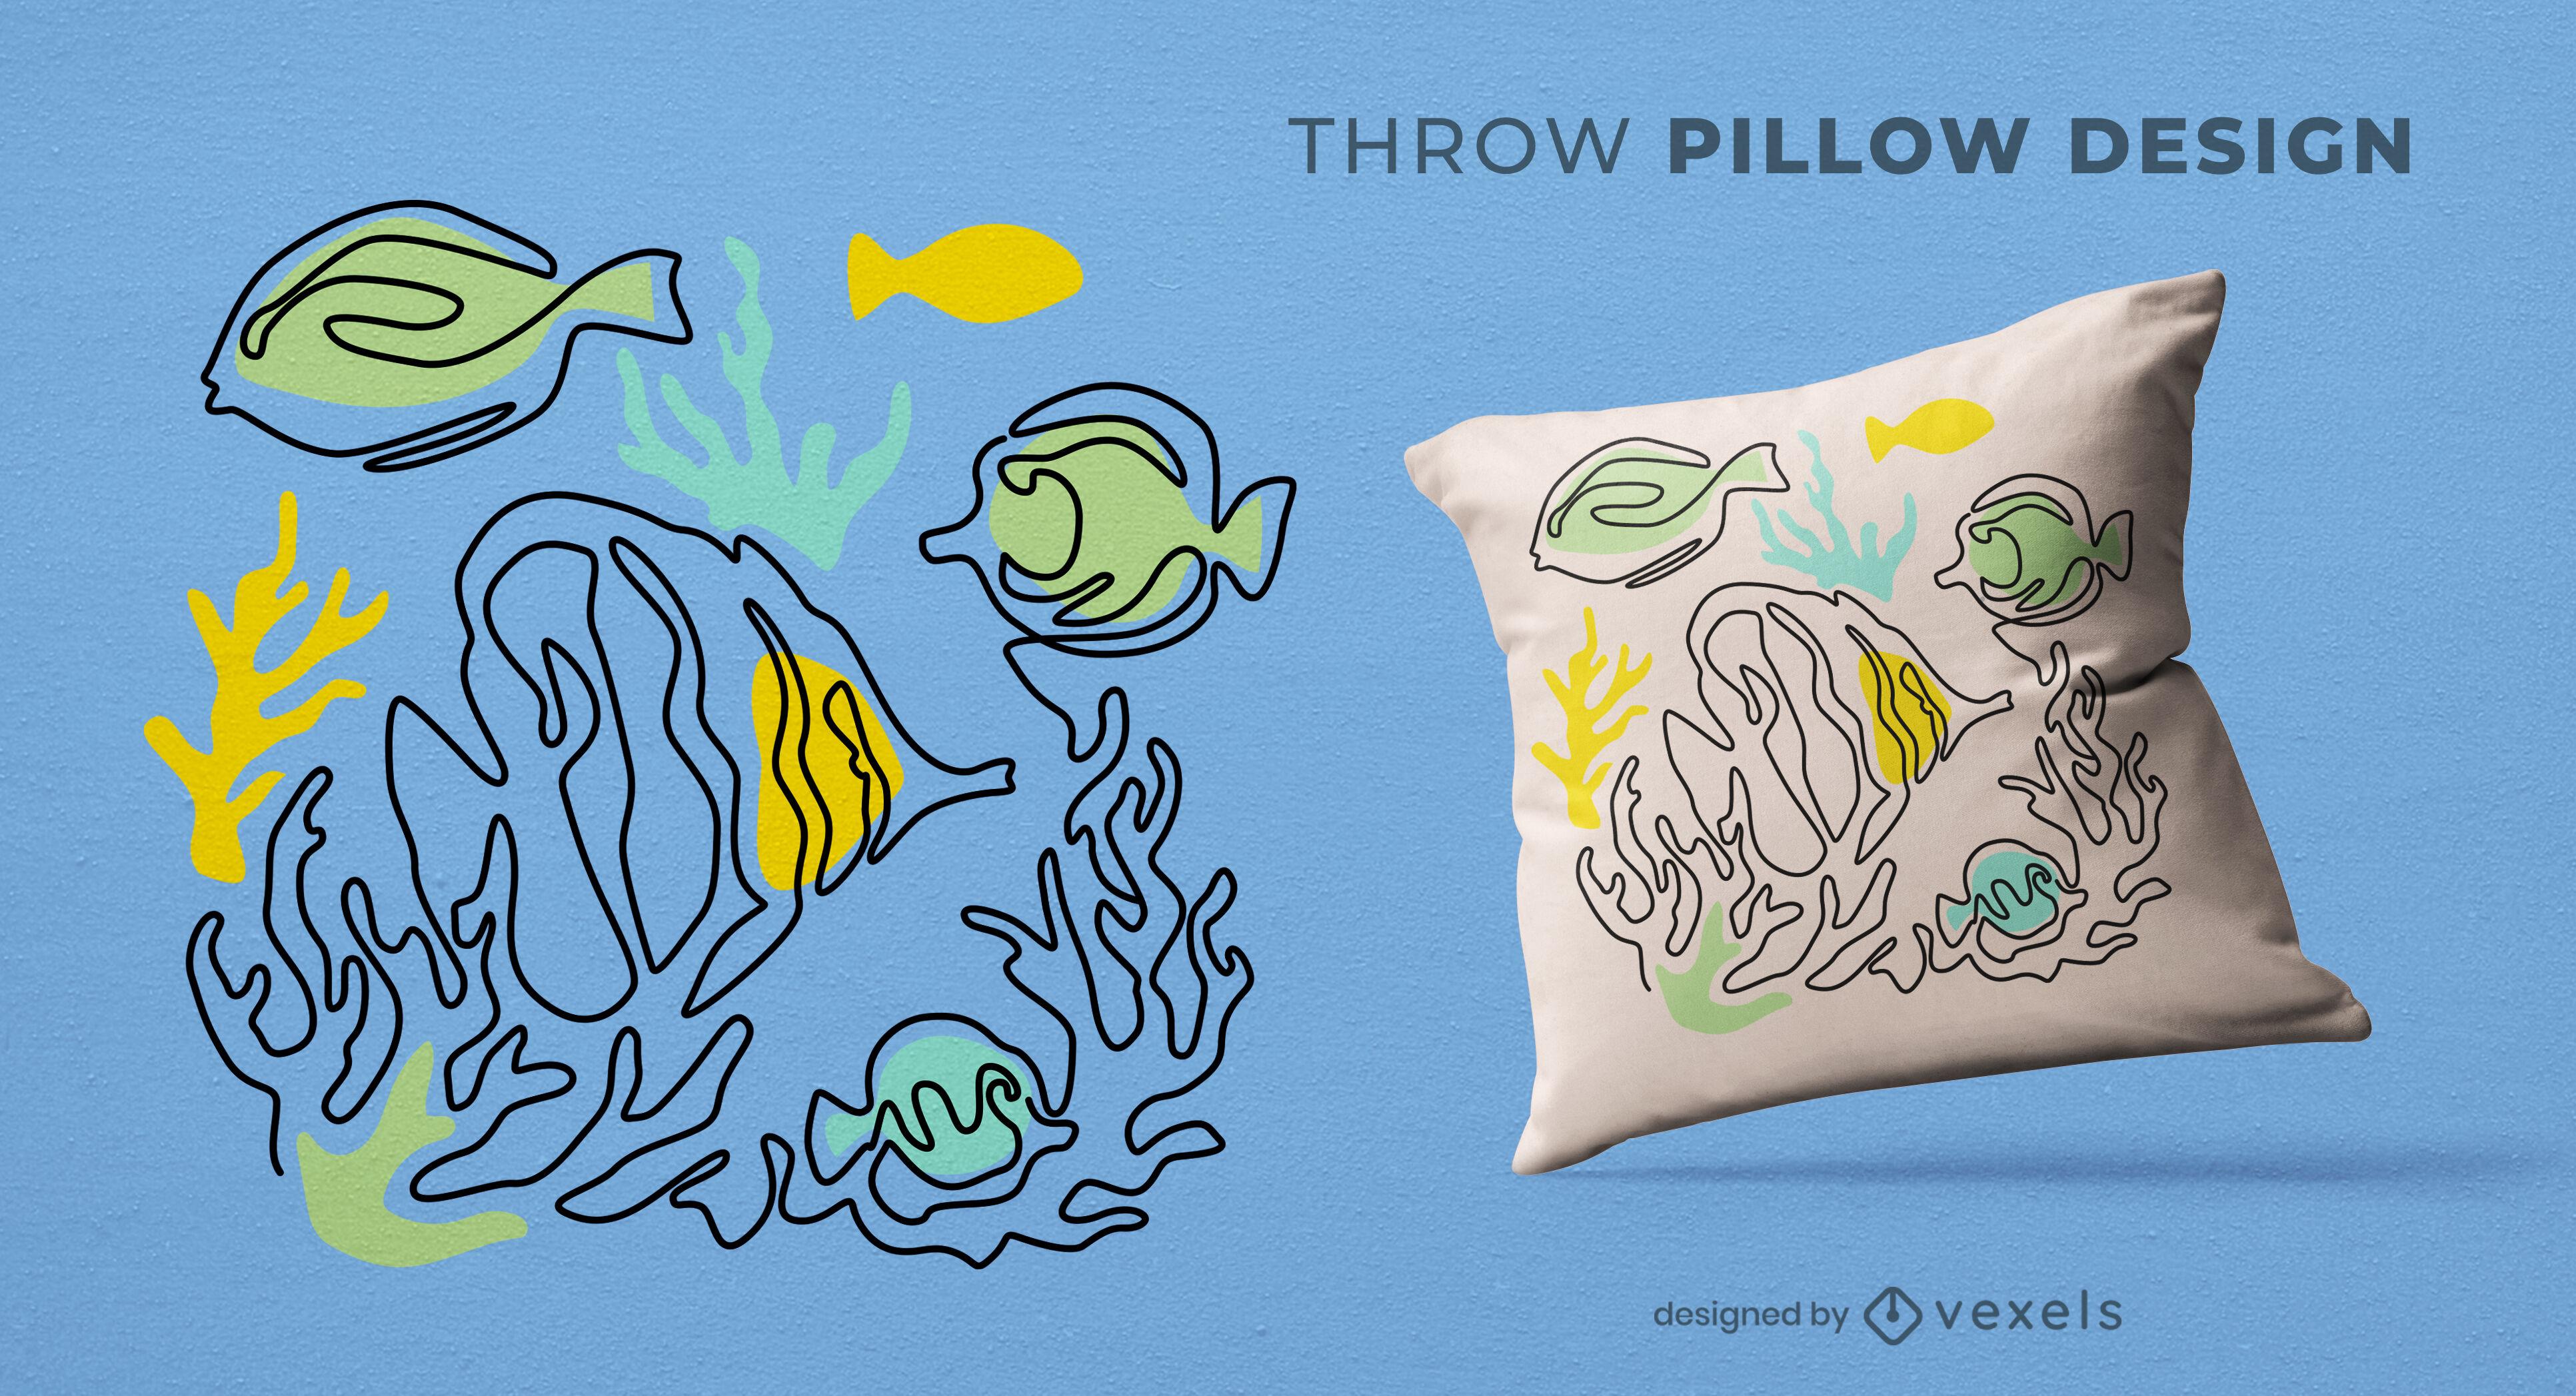 Diseño de almohada de tiro de pez de línea continua